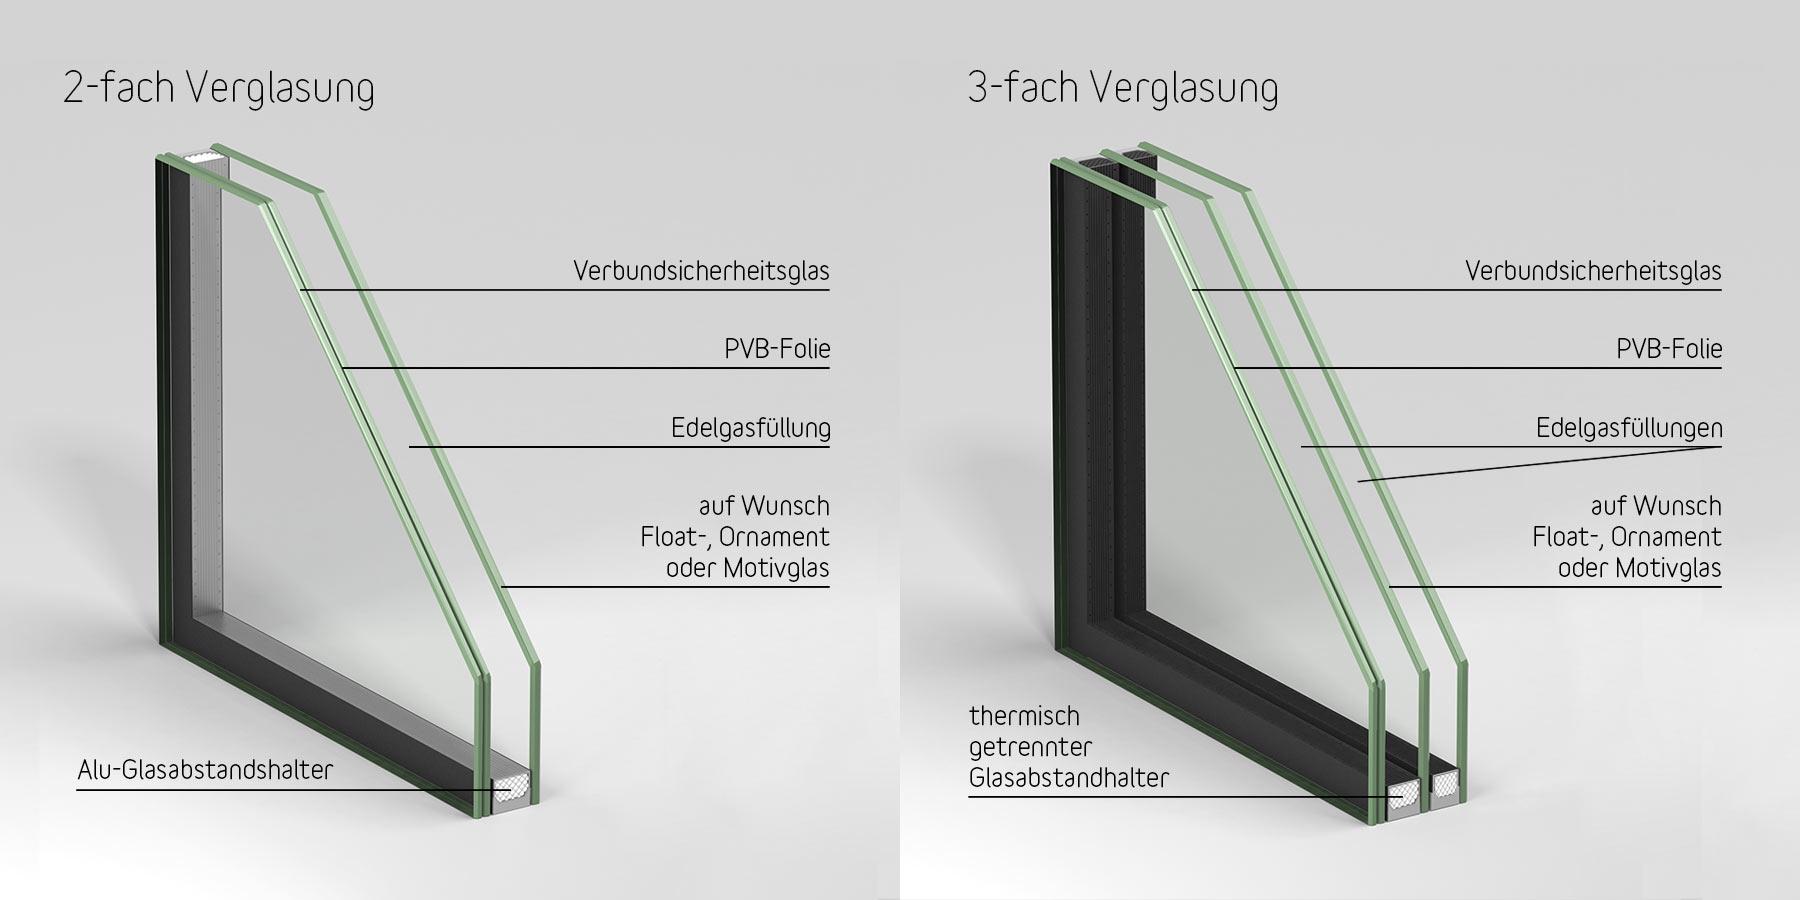 3 Fach Verglasung Im Altbau Einbauen Wann Ist Das Sinnvoll